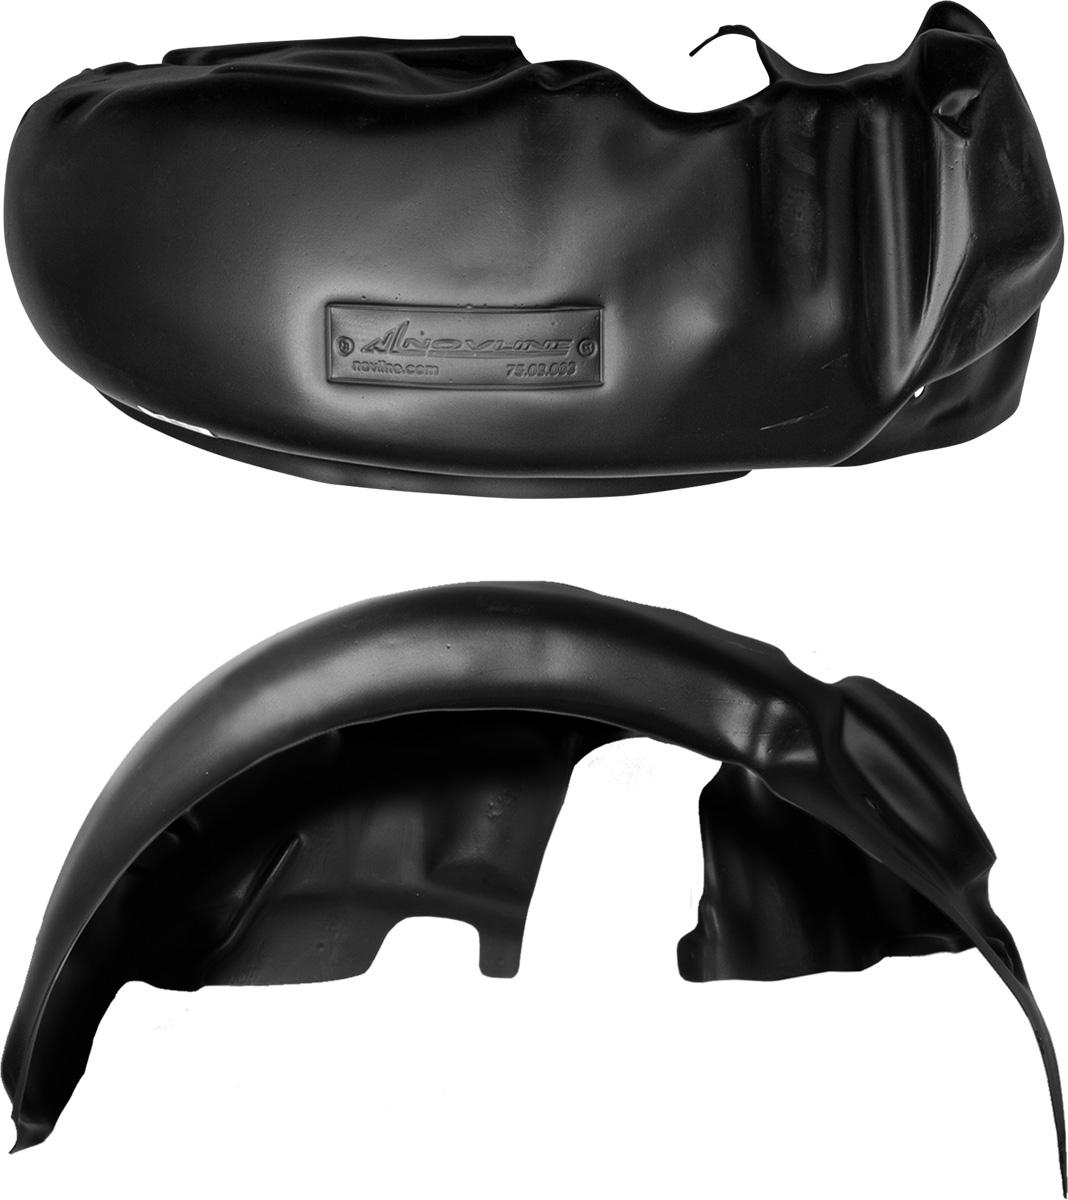 Подкрылок Novline-Autofamily, для Lada Largus 2012-, задний правыйNLL.52.26.004Колесные ниши - одни из самых уязвимых зон днища вашего автомобиля. Они постоянно подвергаются воздействию со стороны дороги. Лучшая, почти абсолютная защита для них - специально отформованные пластиковые кожухи, которые называются подкрылками. Производятся они как для отечественных моделей автомобилей, так и для иномарок. Подкрылки Novline-Autofamily выполнены из высококачественного, экологически чистого пластика. Обеспечивают надежную защиту кузова автомобиля от пескоструйного эффекта и негативного влияния, агрессивных антигололедных реагентов. Пластик обладает более низкой теплопроводностью, чем металл, поэтому в зимний период эксплуатации использование пластиковых подкрылков позволяет лучше защитить колесные ниши от налипания снега и образования наледи. Оригинальность конструкции подчеркивает элегантность автомобиля, бережно защищает нанесенное на днище кузова антикоррозийное покрытие и позволяет осуществить крепление подкрылков внутри колесной арки практически без дополнительного крепежа и сверления, не нарушая при этом лакокрасочного покрытия, что предотвращает возникновение новых очагов коррозии. Подкрылки долговечны, обладают высокой прочностью и сохраняют заданную форму, а также все свои физико-механические характеристики в самых тяжелых климатических условиях (от -50°С до +50°С).Уважаемые клиенты!Обращаем ваше внимание, на тот факт, что подкрылок имеет форму, соответствующую модели данного автомобиля. Фото служит для визуального восприятия товара.